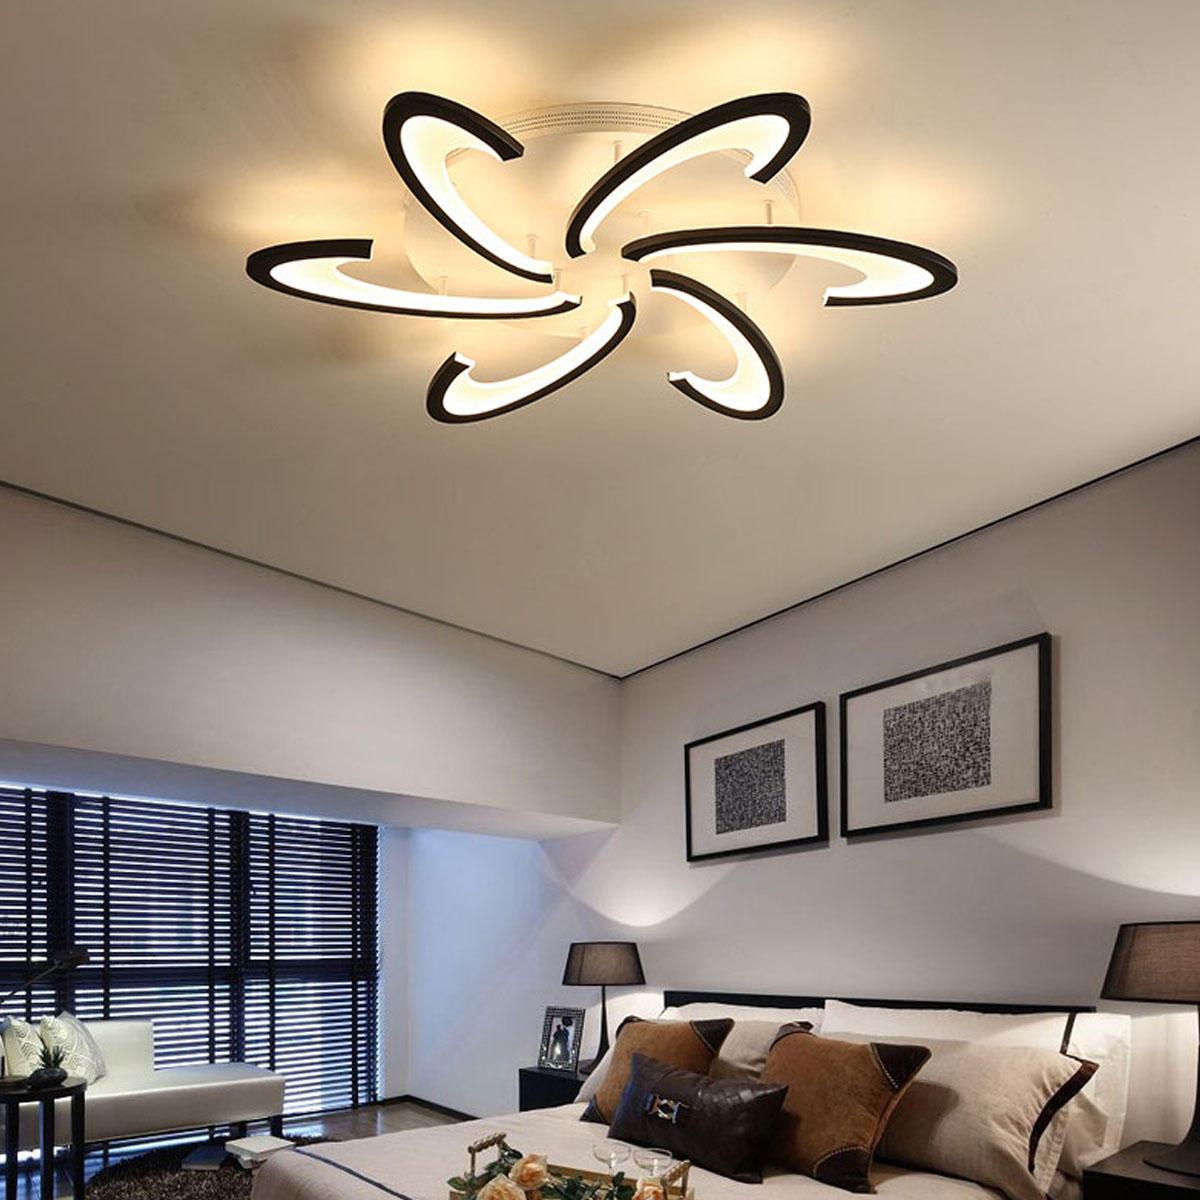 الحديثة LED السقف ضوء لغرفة المعيشة غرفة نوم لماعة led الثريا